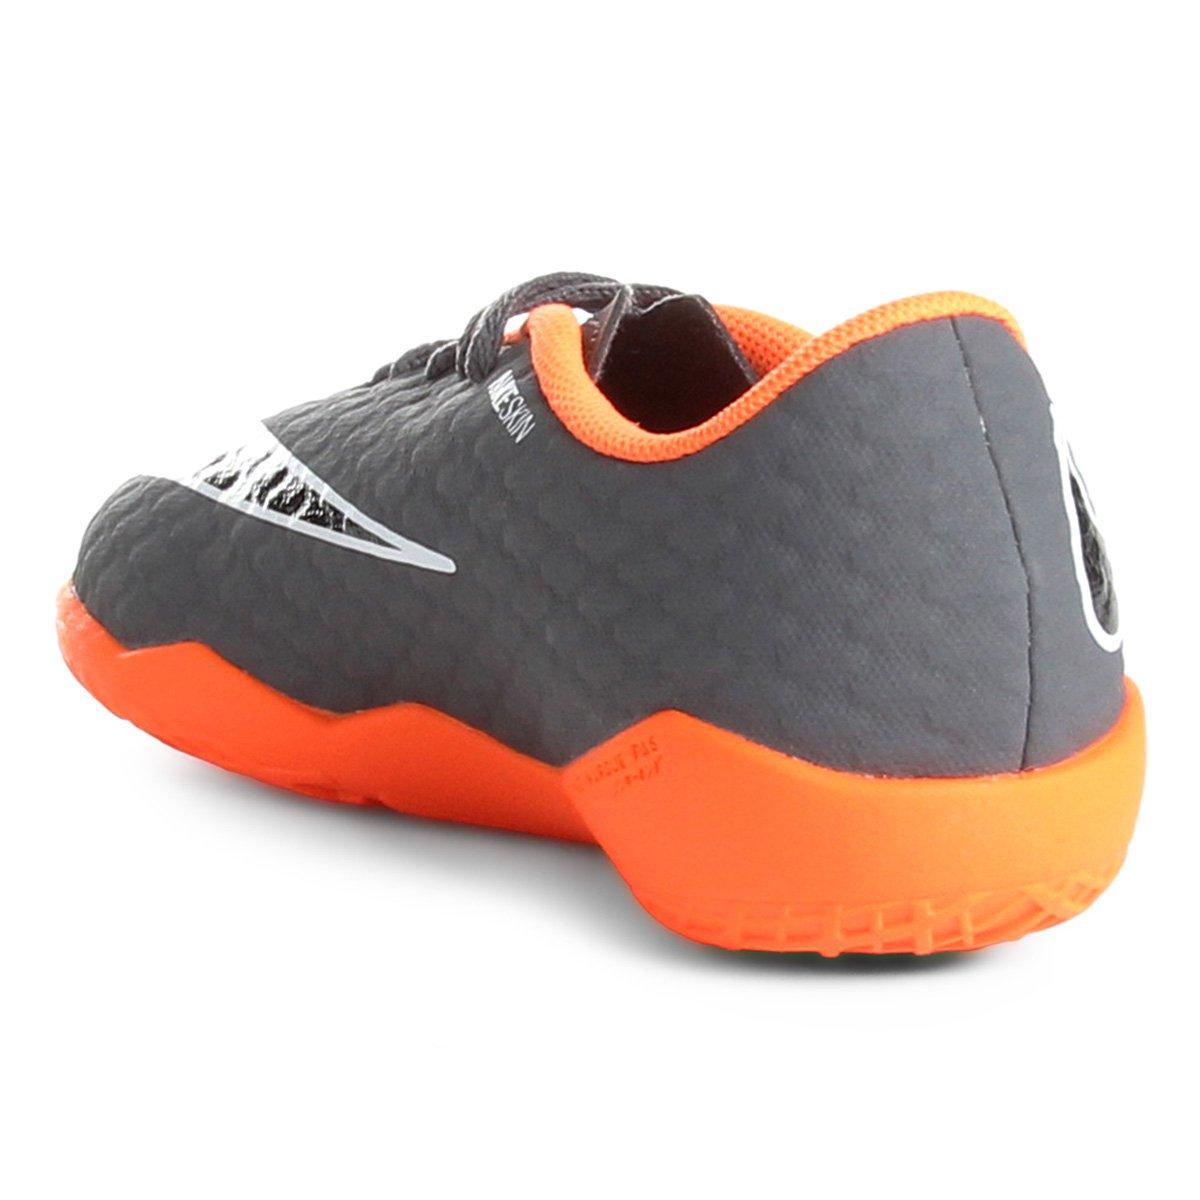 Chuteira Futsal Infantil Nike Phantom 3 Academy IC - Cinza e Laranja ... e2af1ee0b5422